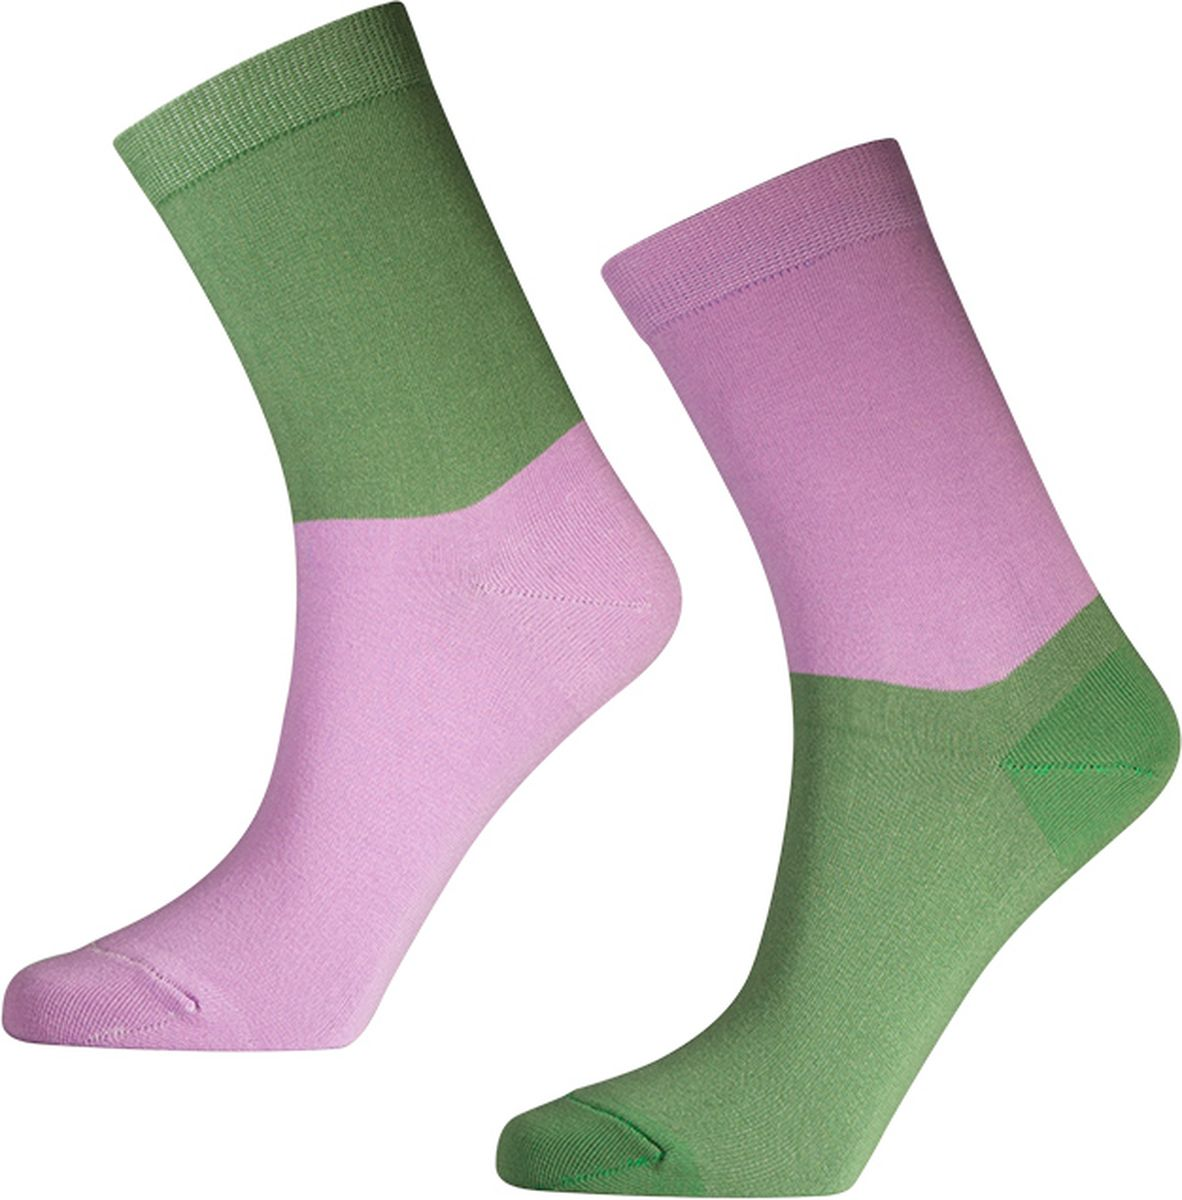 Носки мужские Big Bang Socks, цвет: лавандовый, зеленый, 2 пары. d431. Размер 40/44 носки minecraft socks 3 pack green зеленые s 3 пары 11750